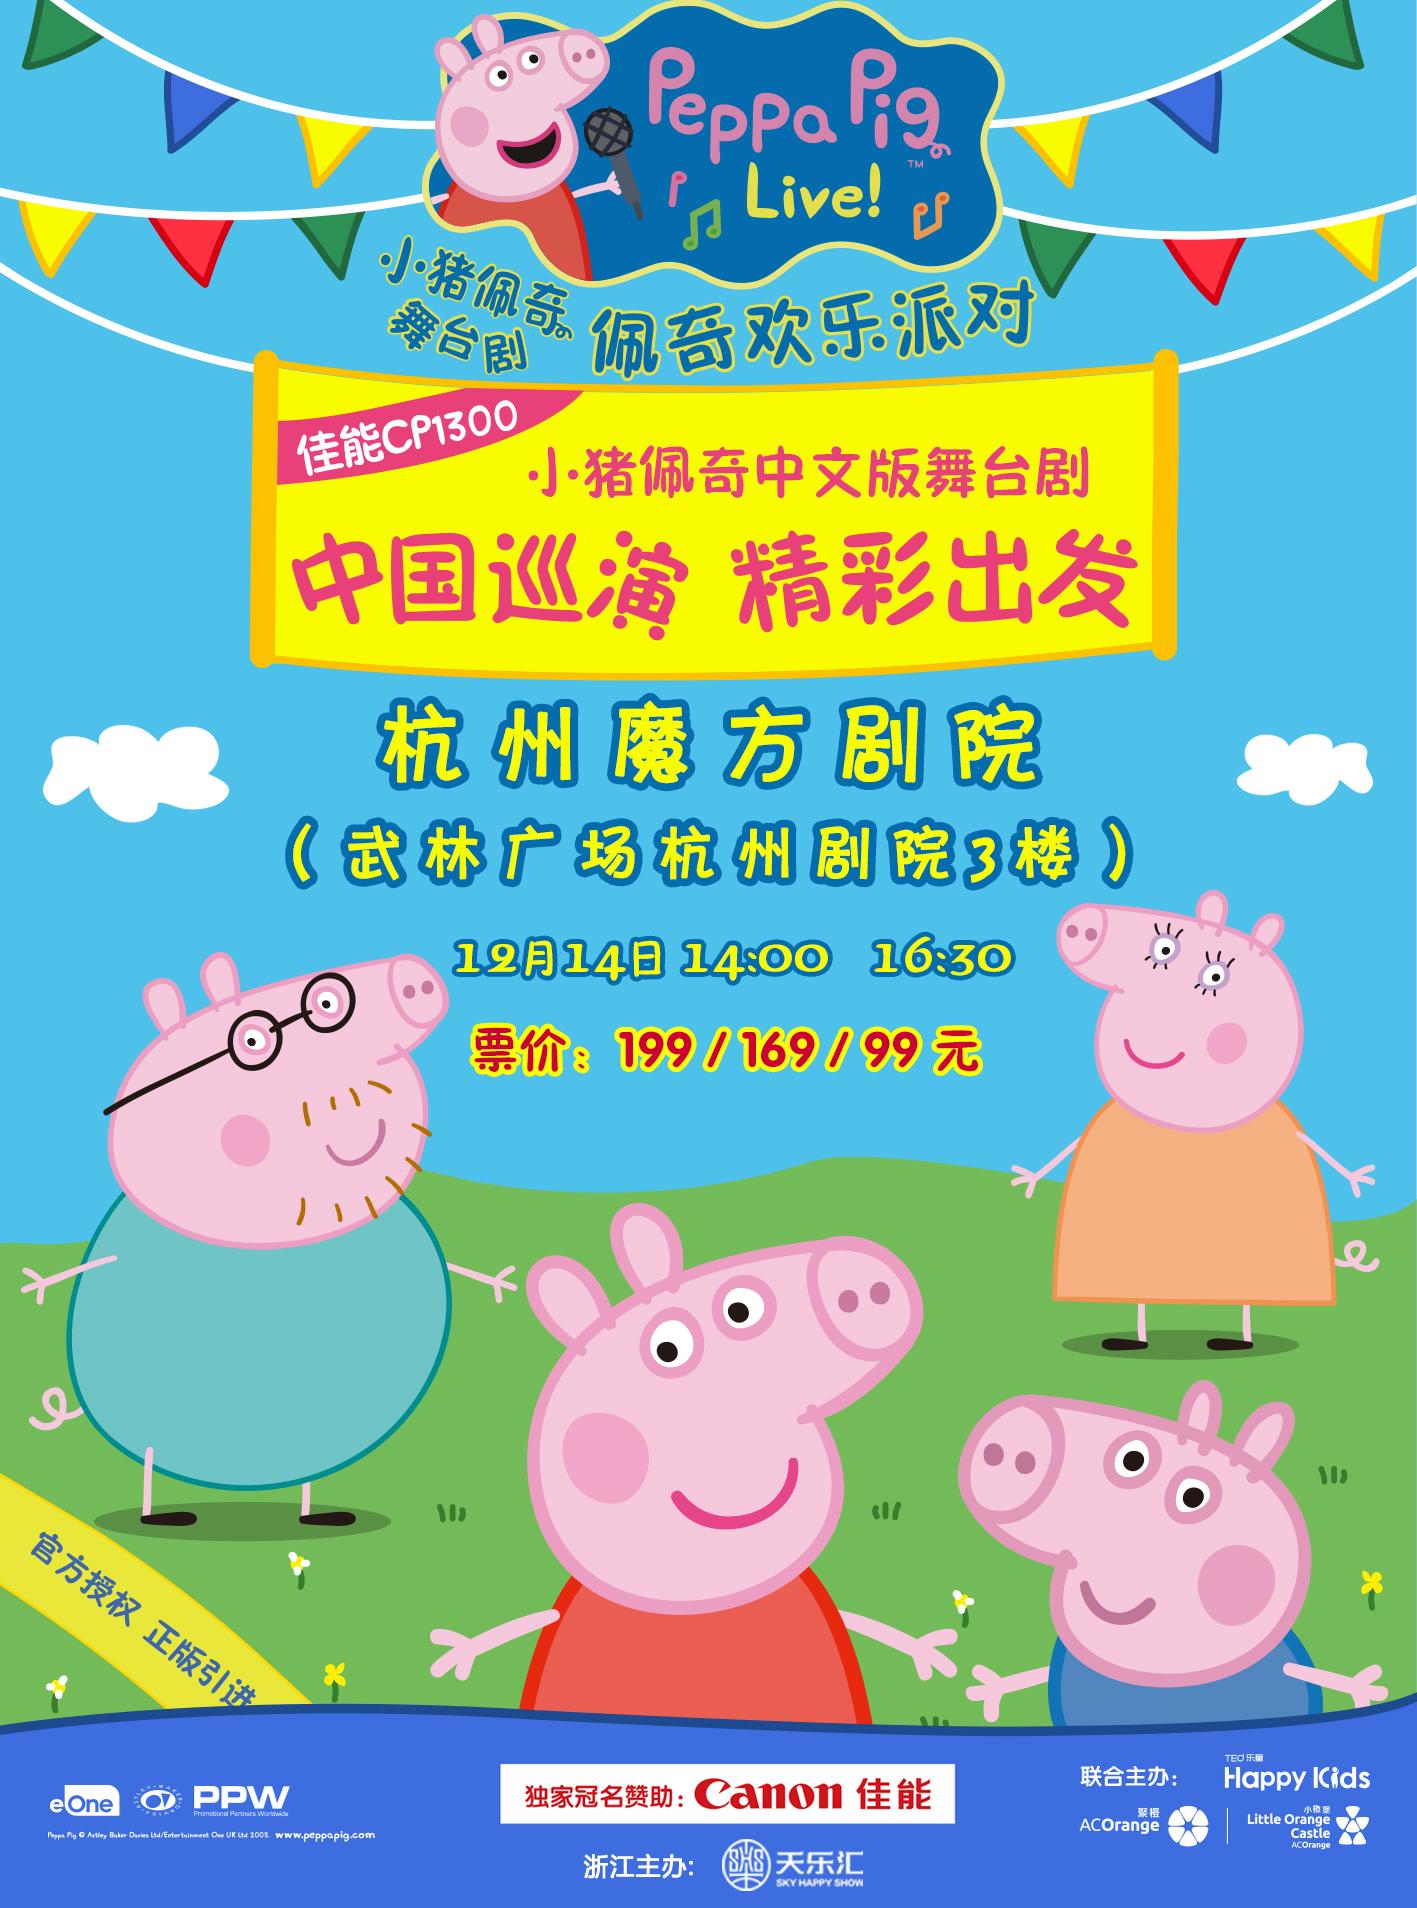 佳能炫飞・2019英国正版引进《小猪佩奇舞台剧-佩奇欢乐派对》中文版杭州站